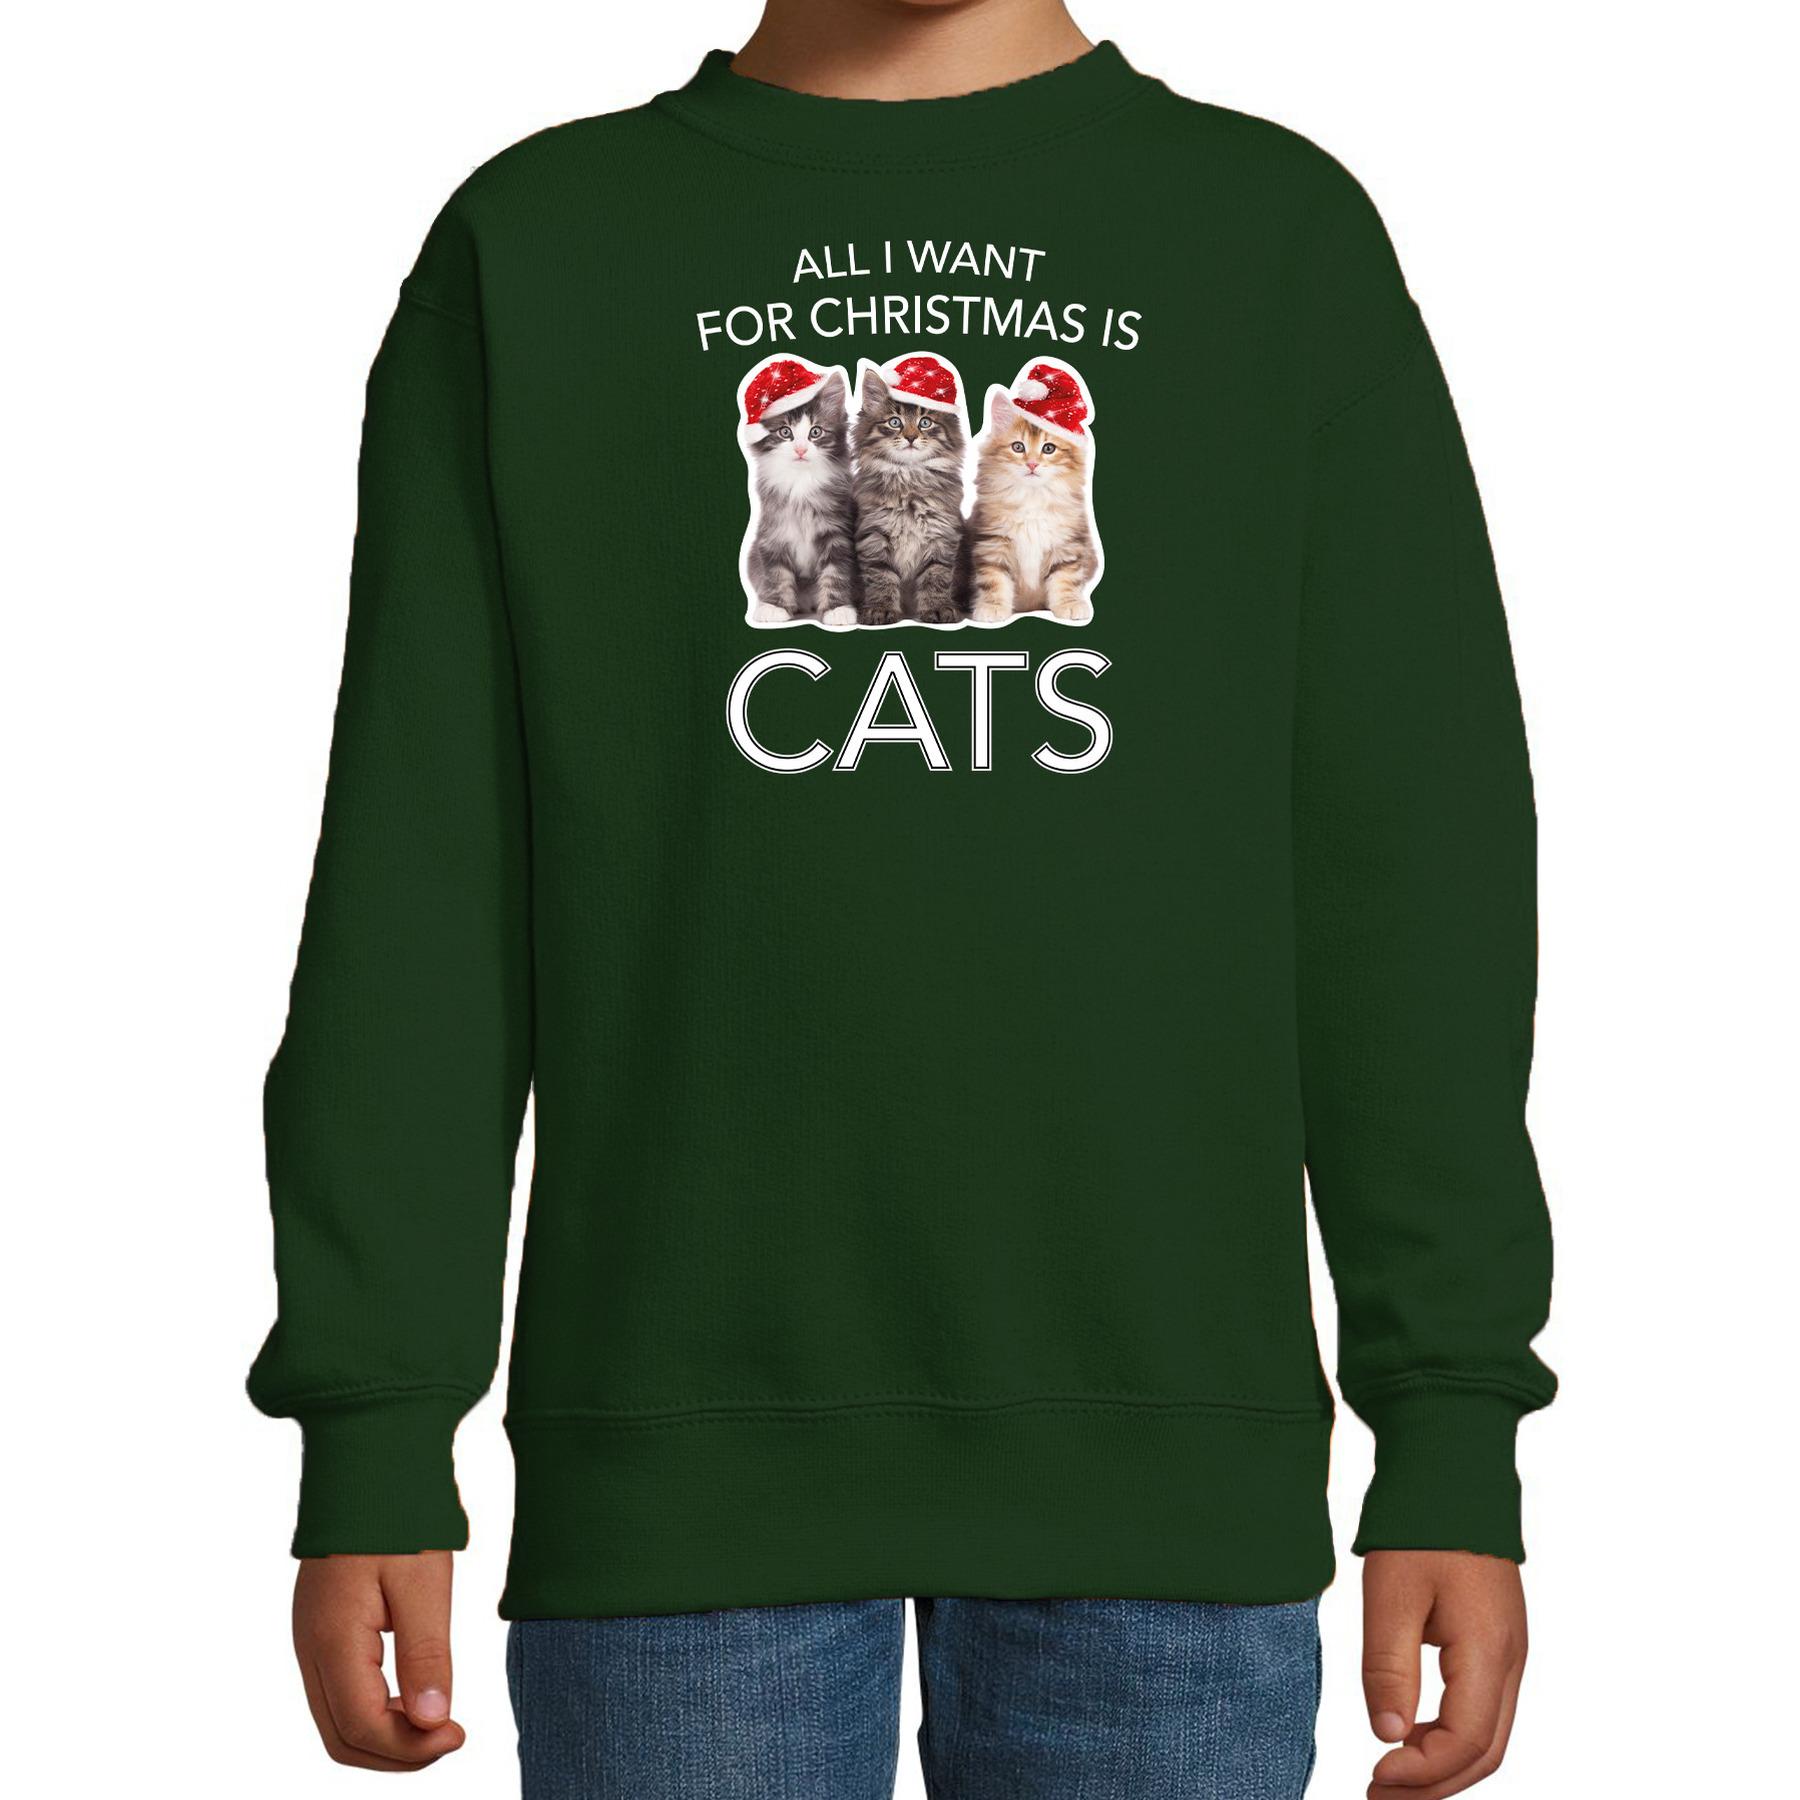 Groene Kersttrui - Kerstkleding All I want for christmas is cats voor kinderen 14-15 jaar (170/176)